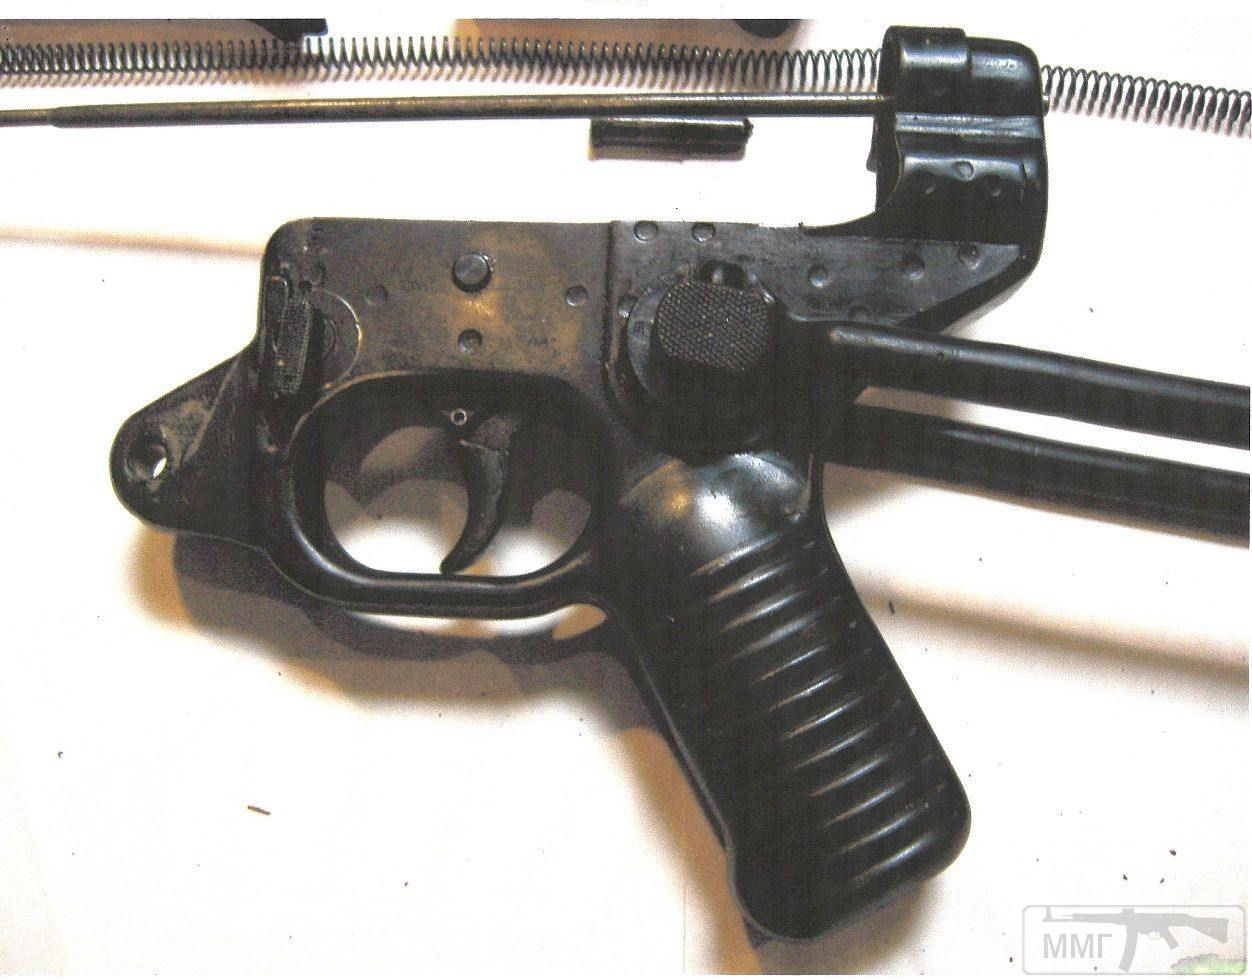 98116 - Sturmgewehr Haenel / Schmeisser MP 43MP 44 Stg.44 - прототипы, конструкция история